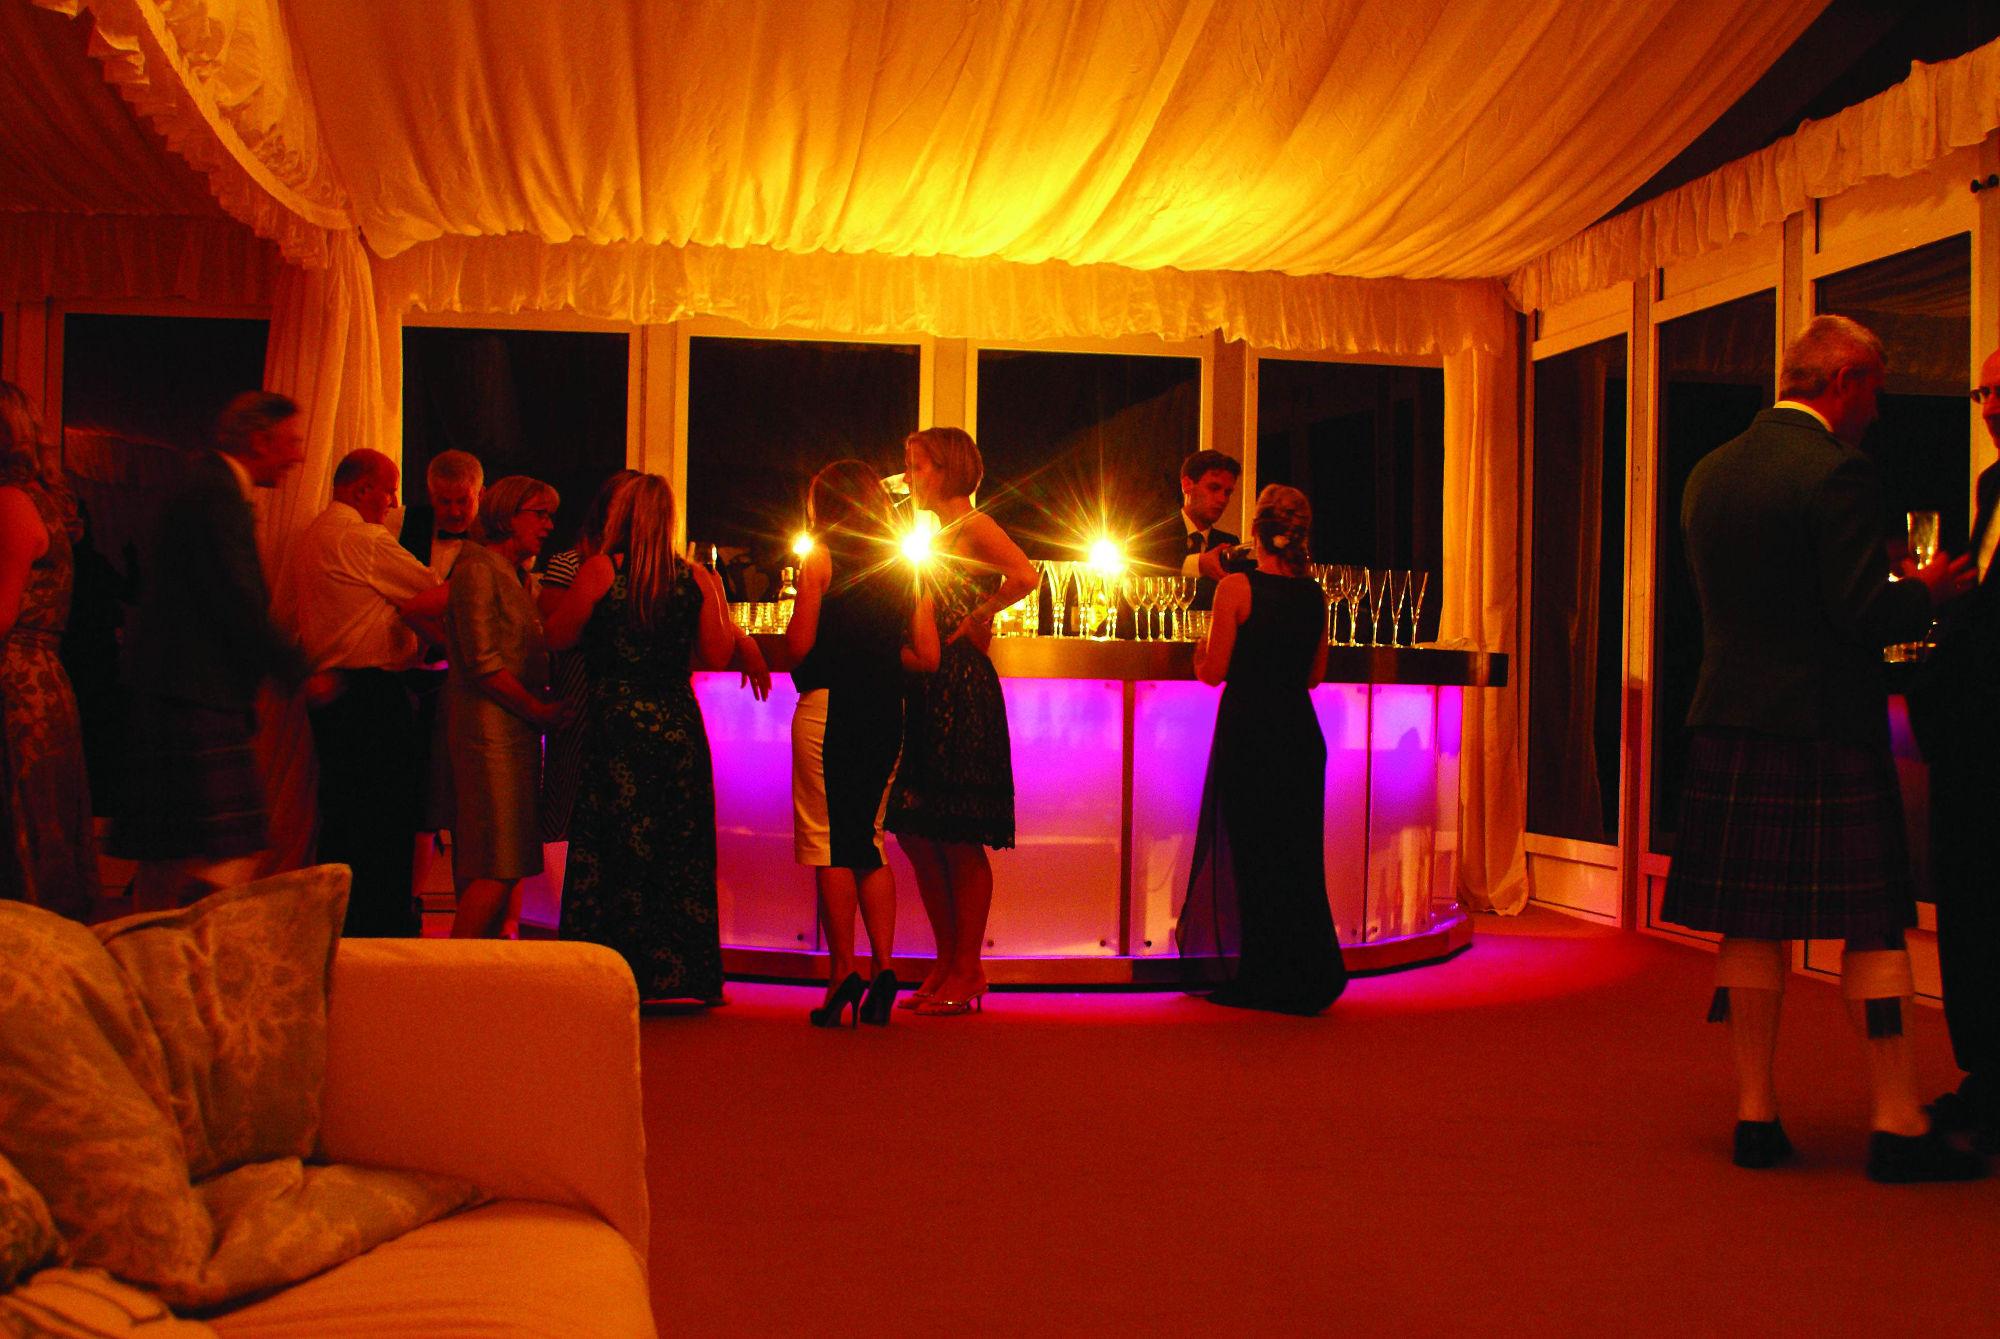 Private Hire - Illuminated LED semi-circular bar